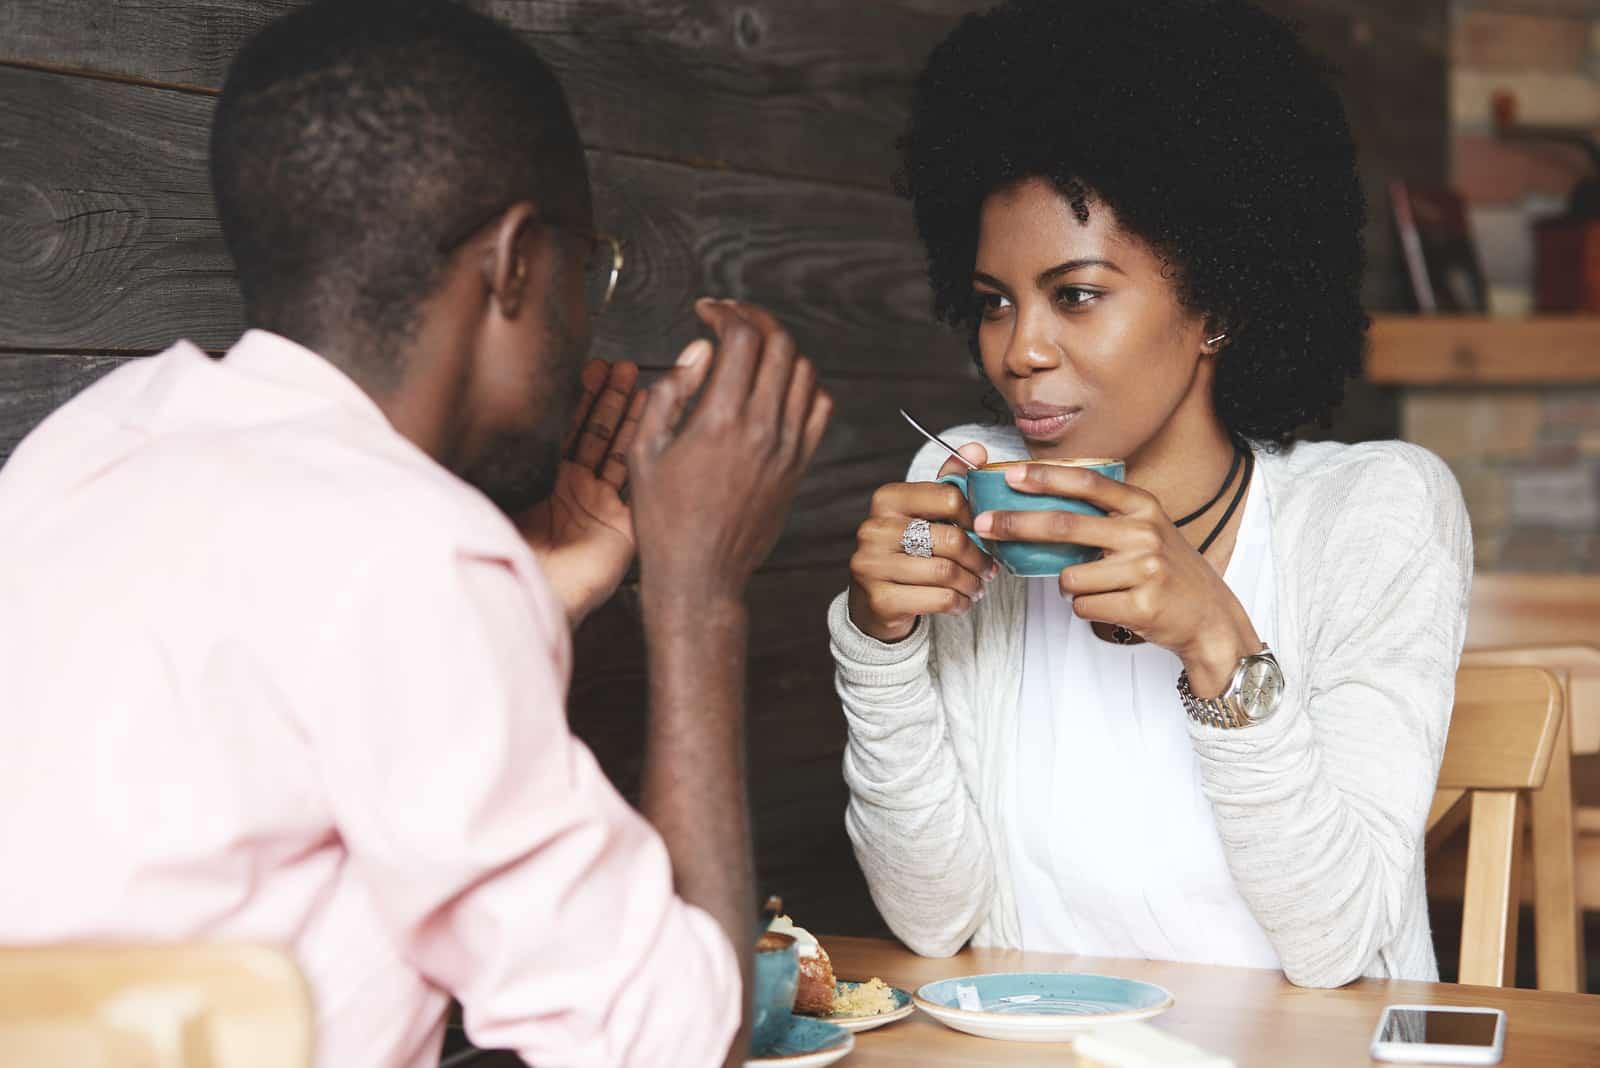 homme et femme assis dans un café se parlant